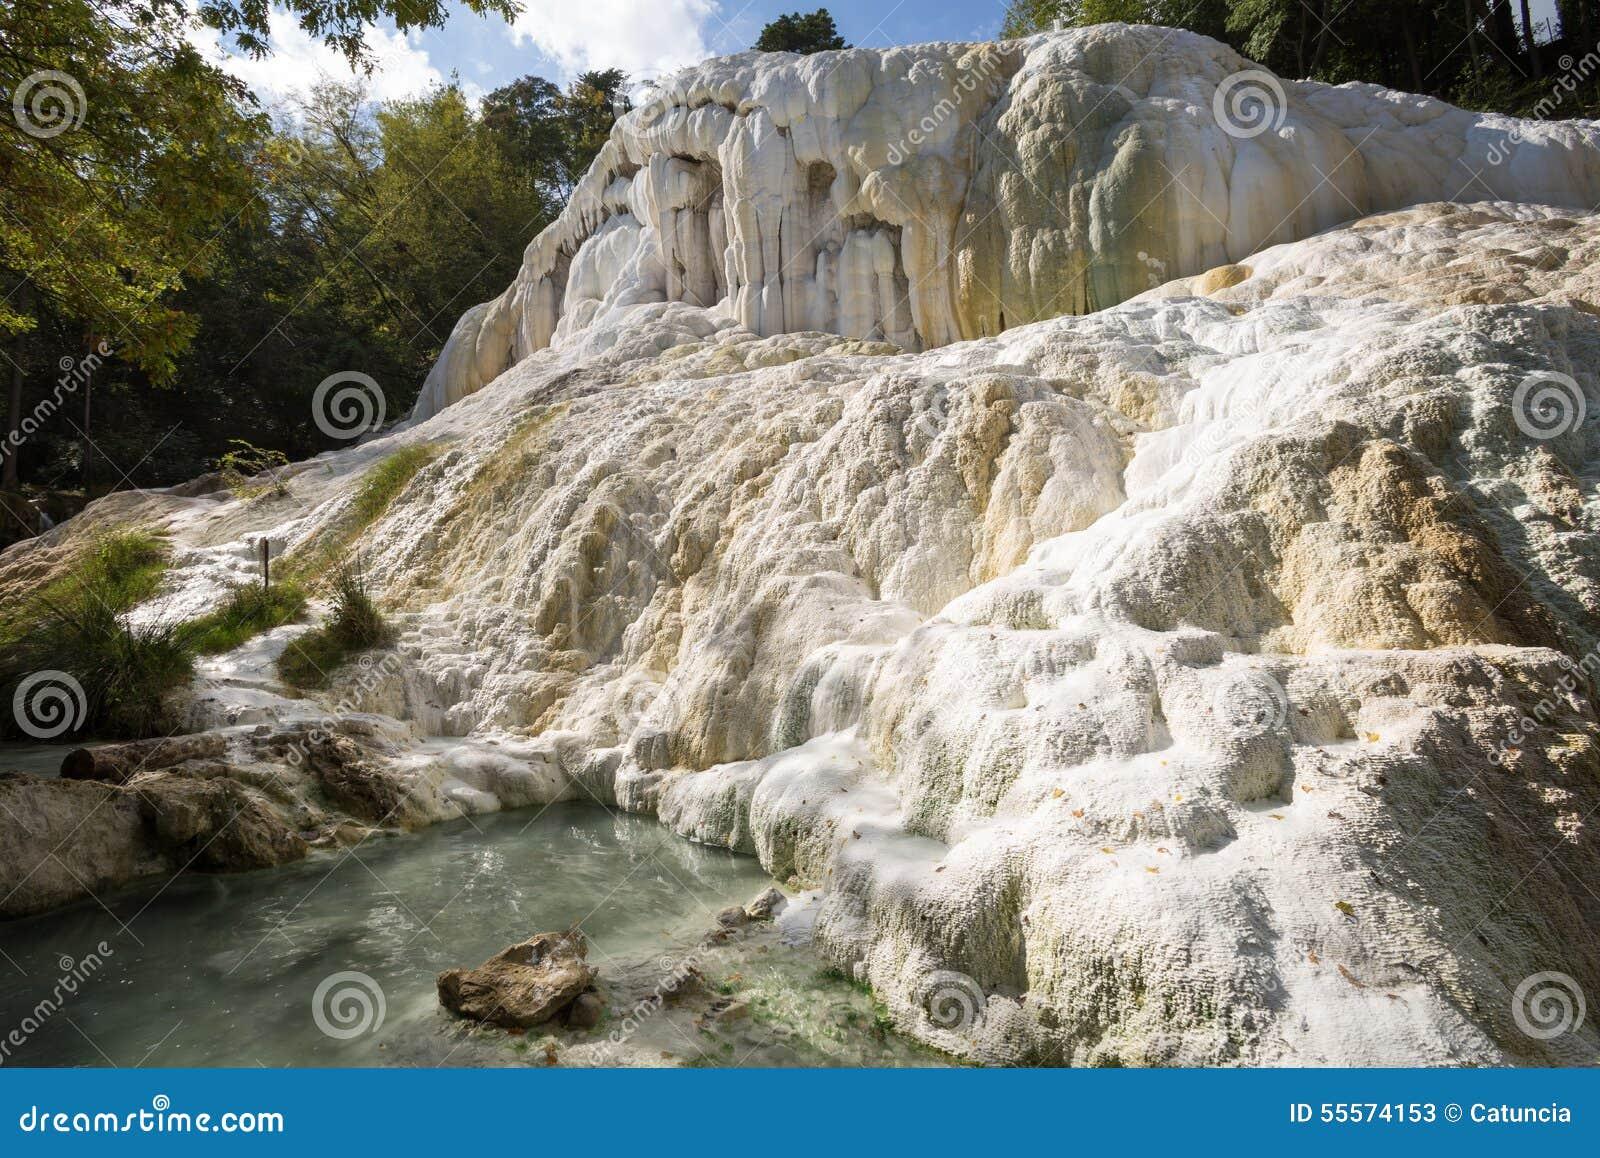 sorgenti di acqua calda di fosso bianco in bagni san filippo